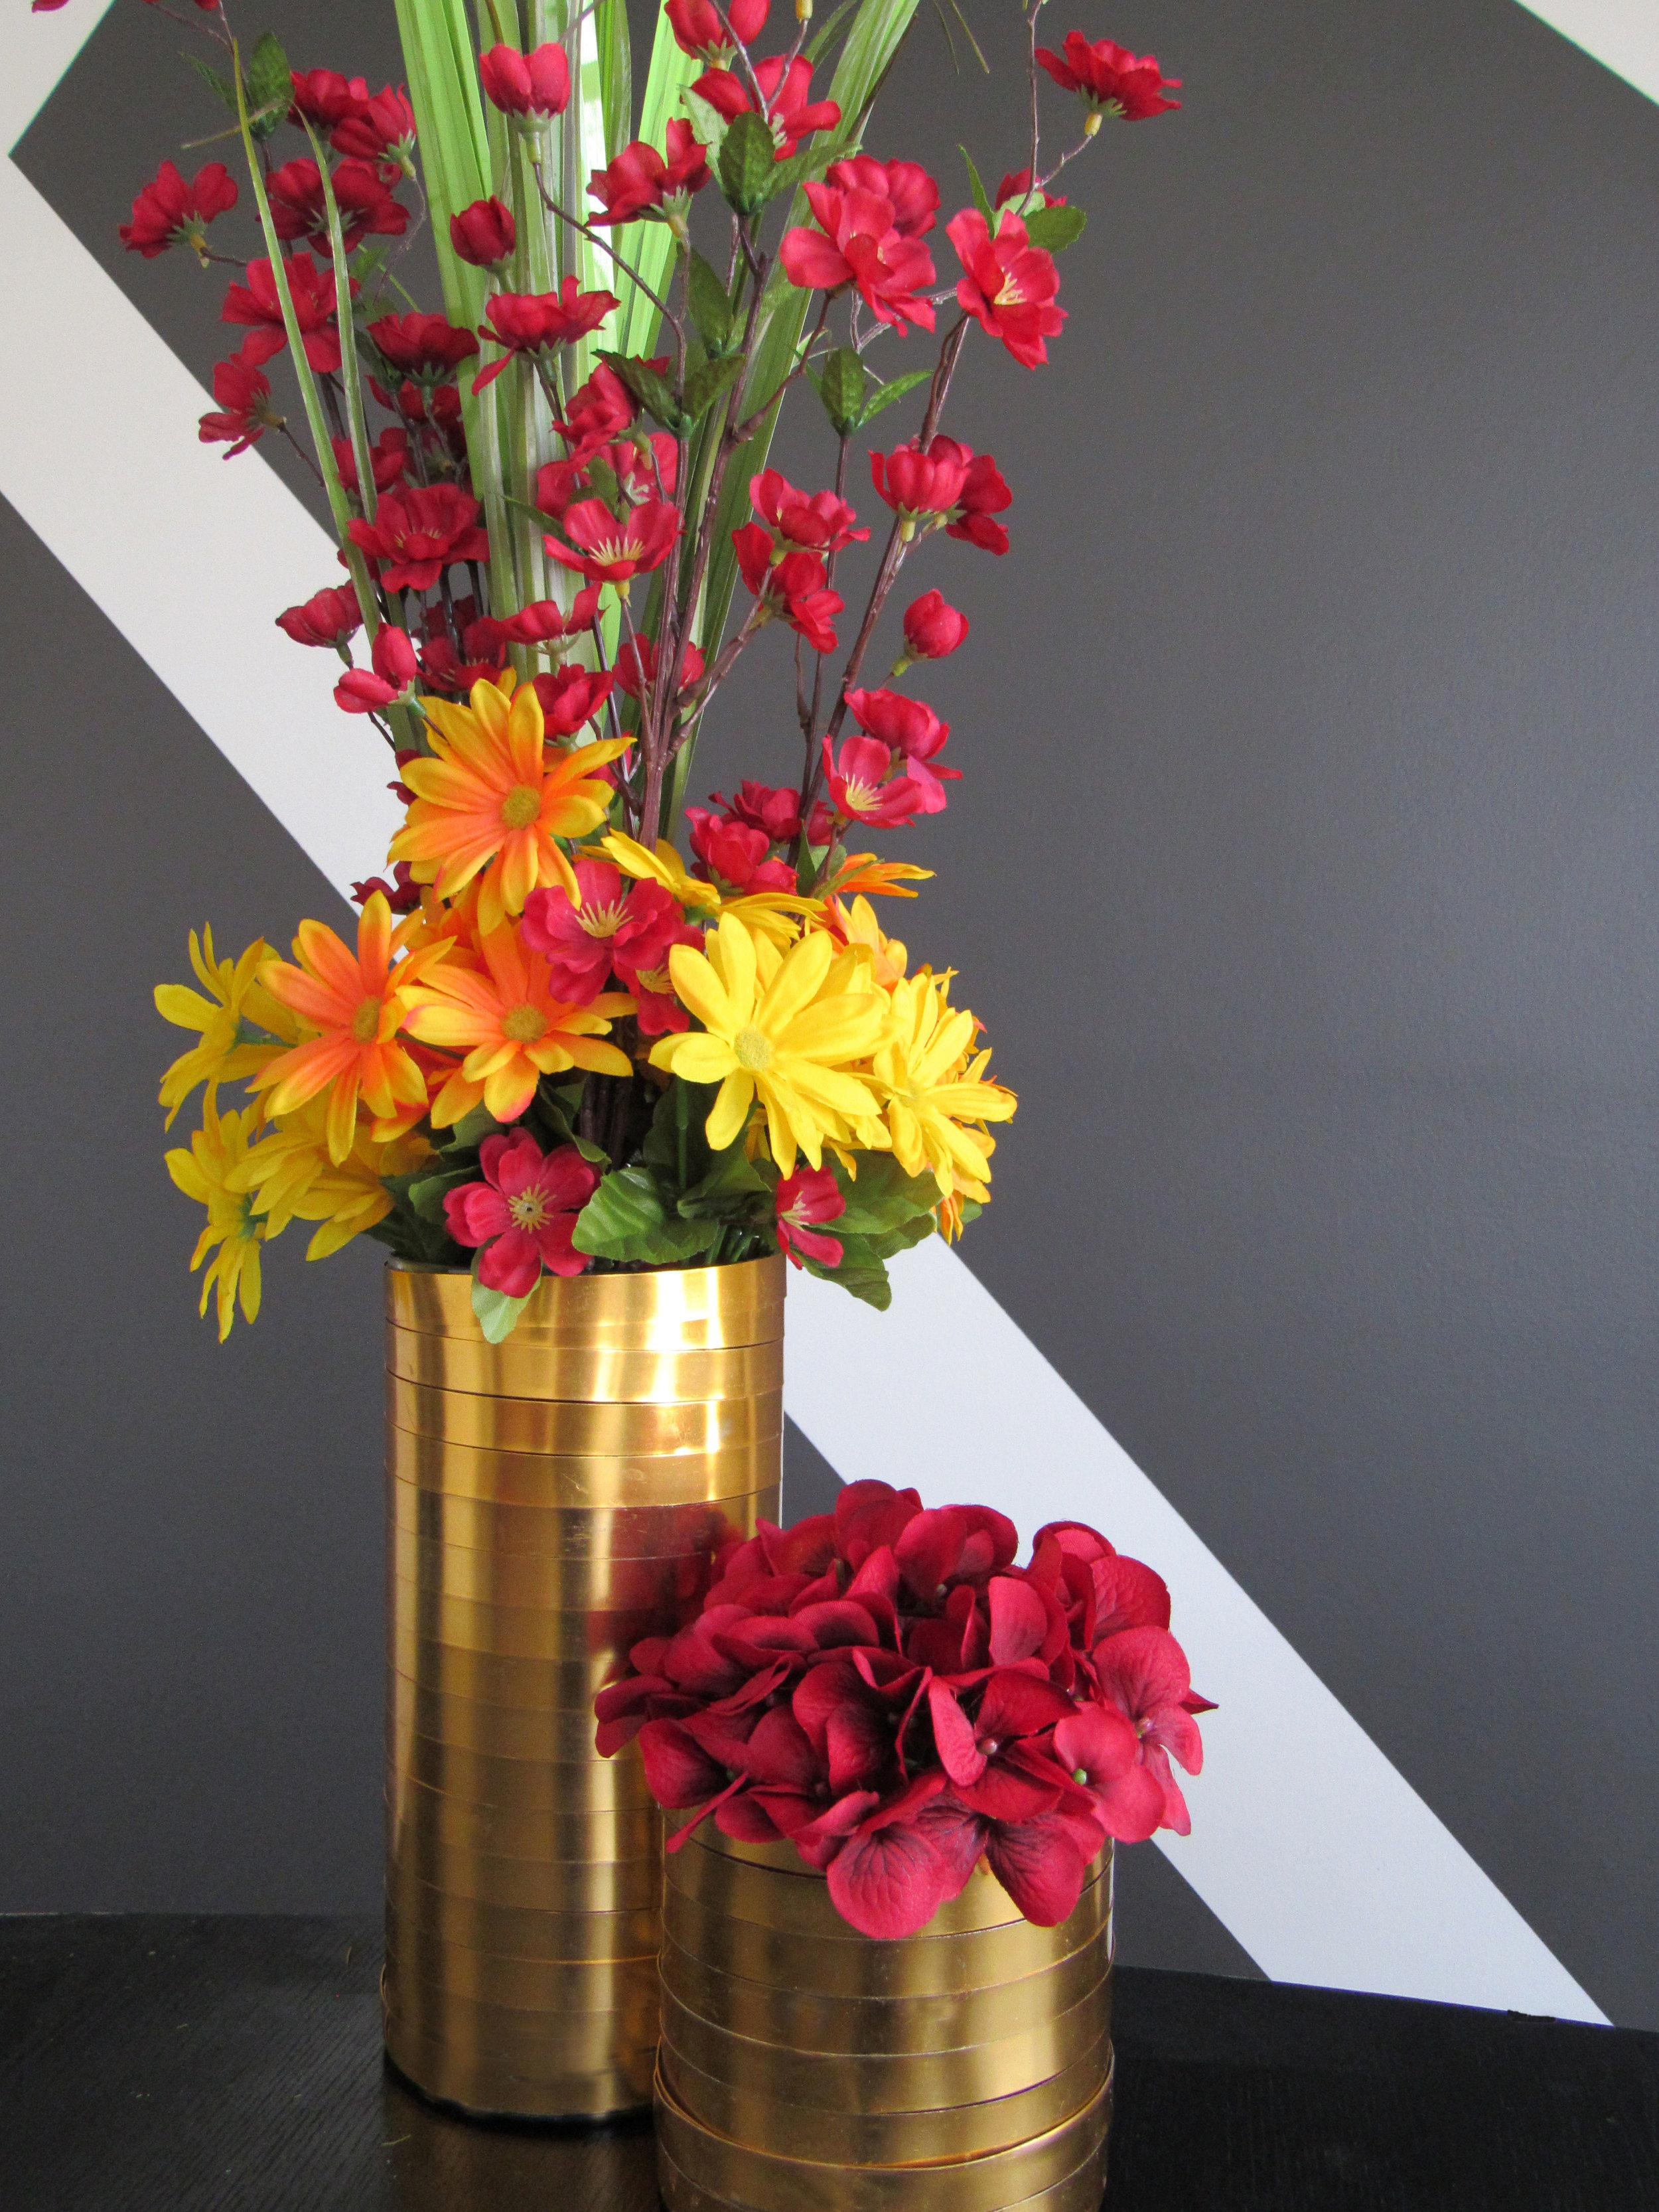 Vases-for-web.jpg